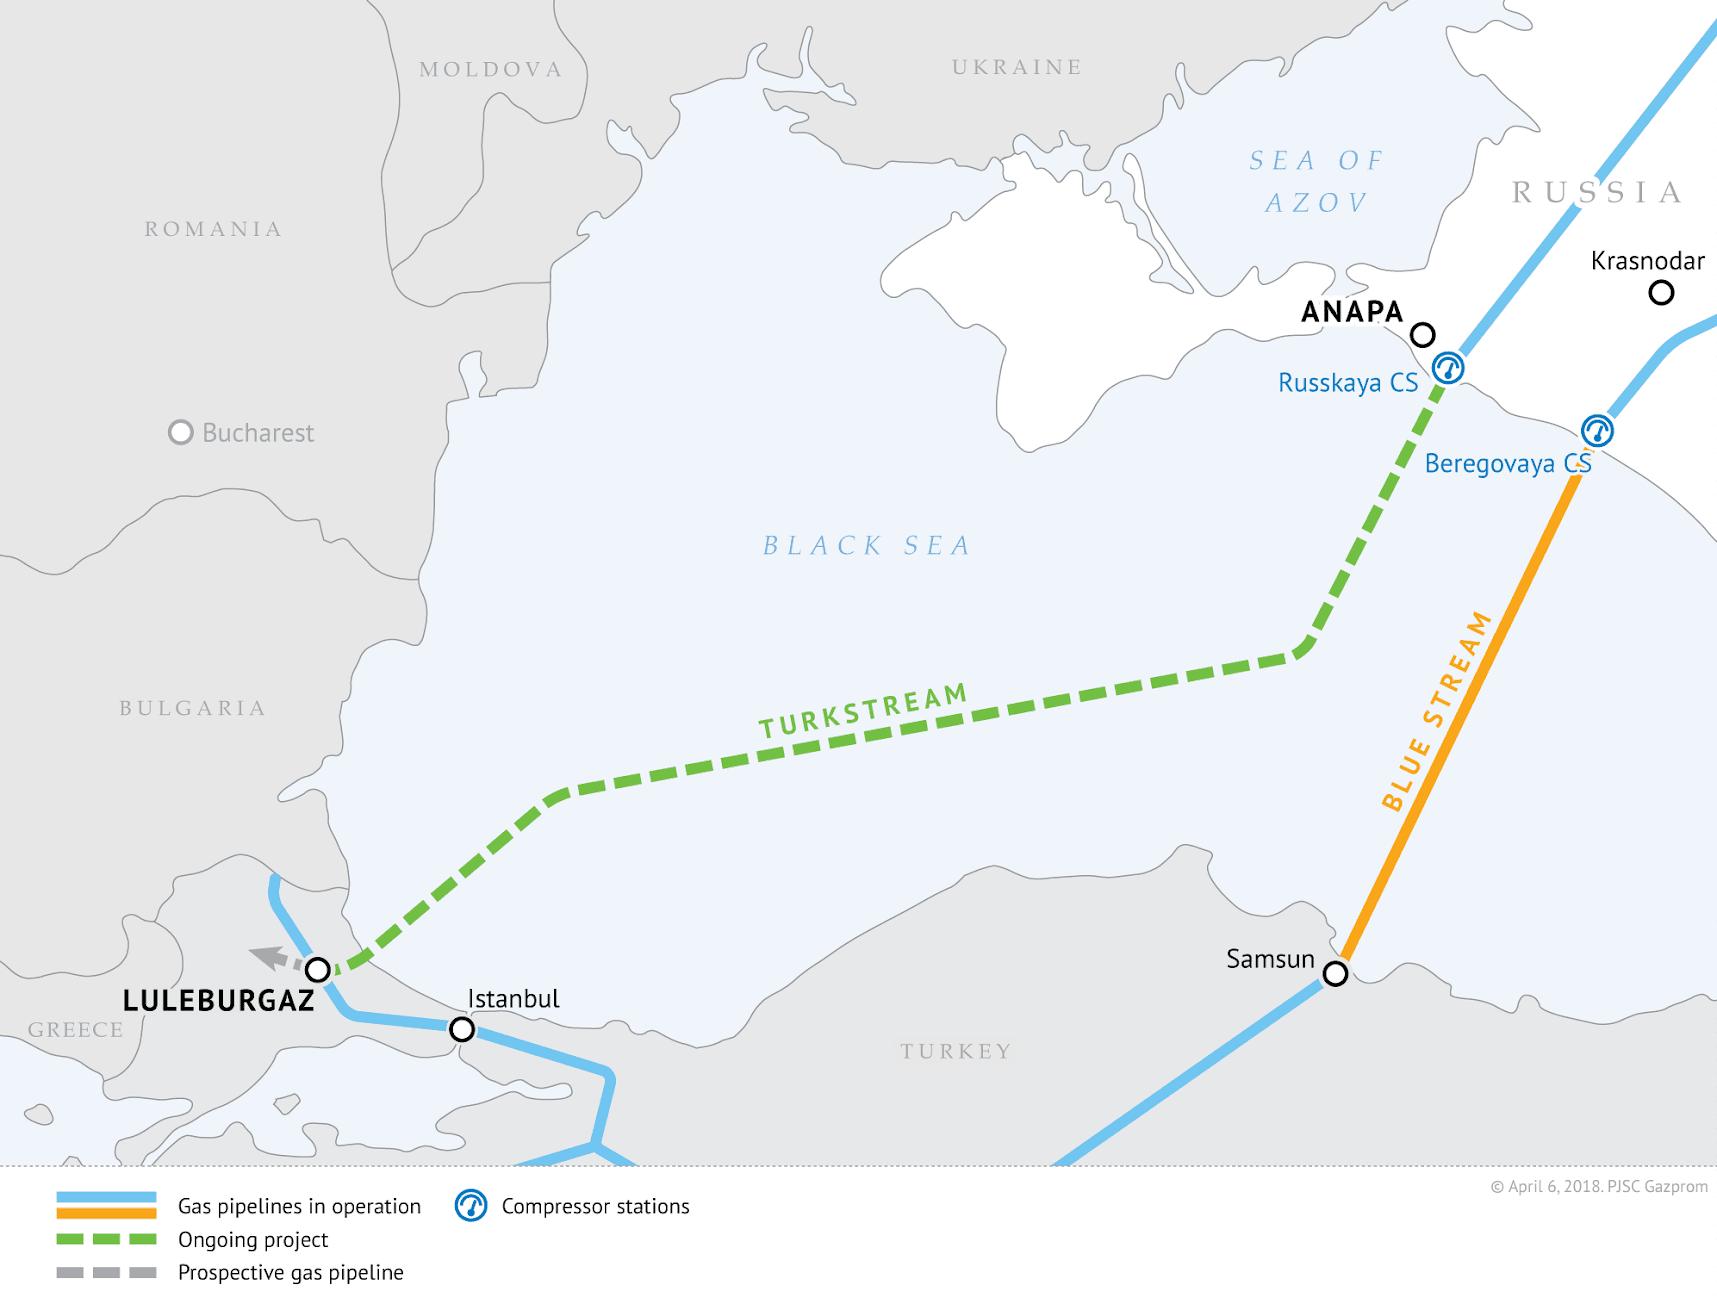 Η Βουλγαρία κάνει πράξη τον ενεργειακό σχεδιασμό της για τον Turkish Stream